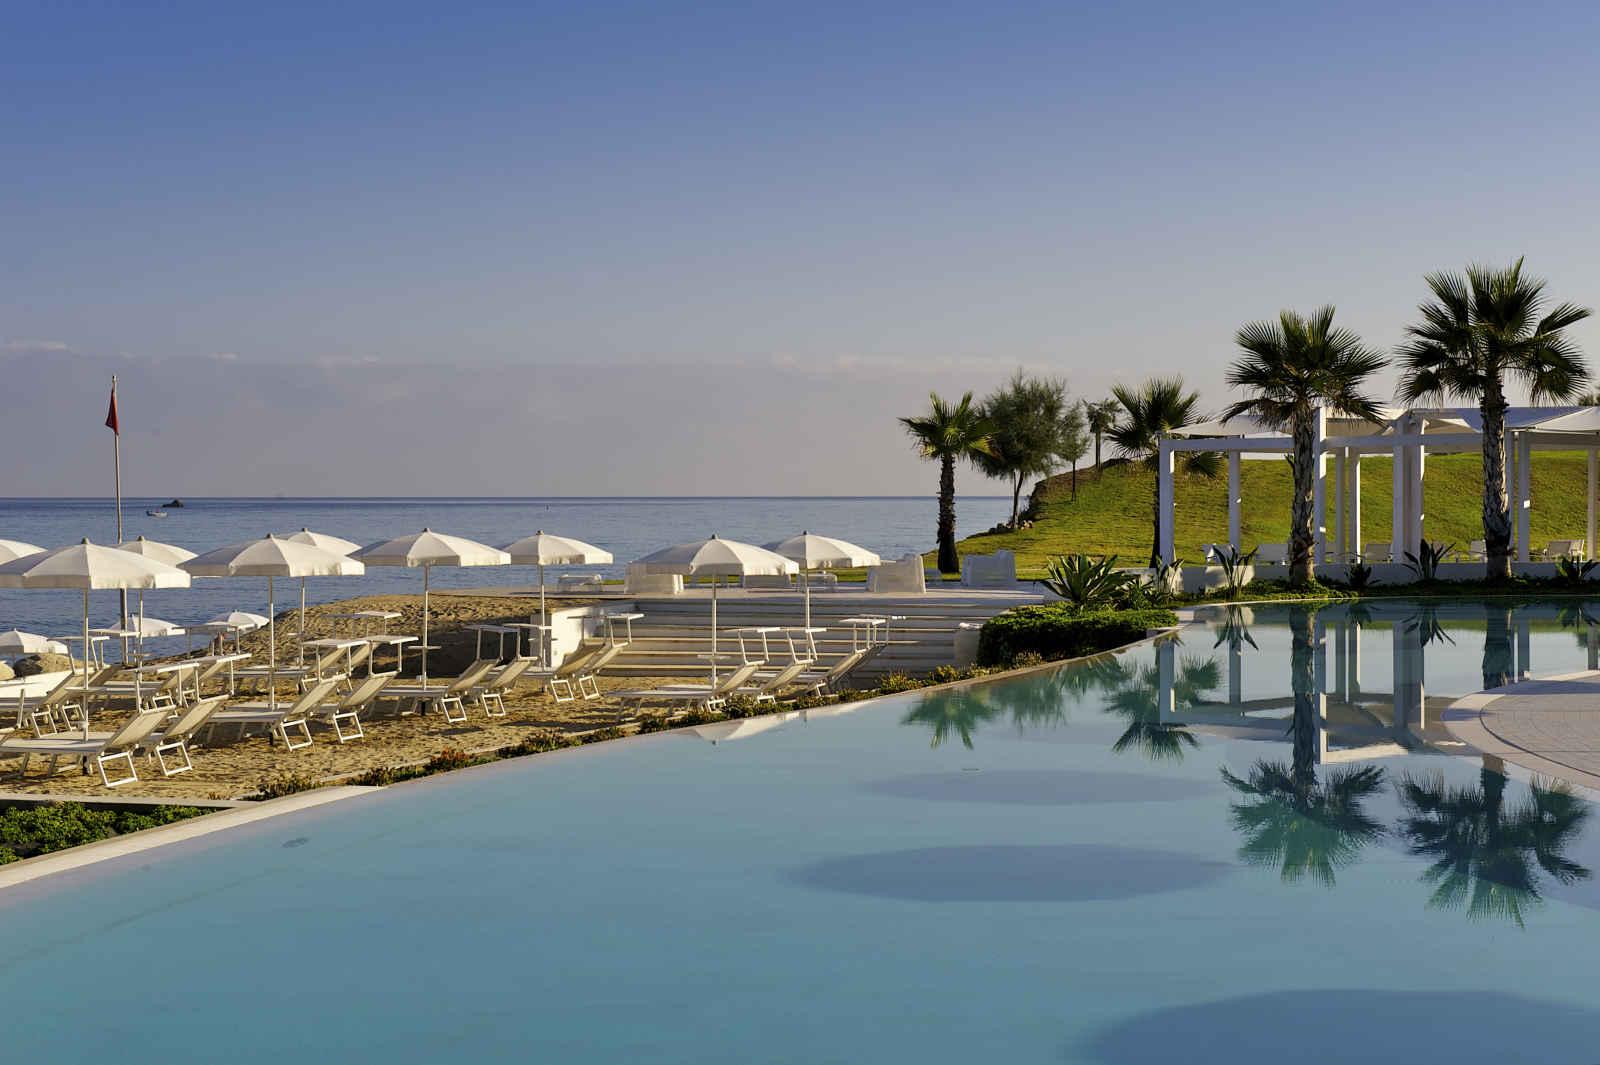 Séjour Pouilles - Capovaticano Resort Thalasso & Spa - 4*